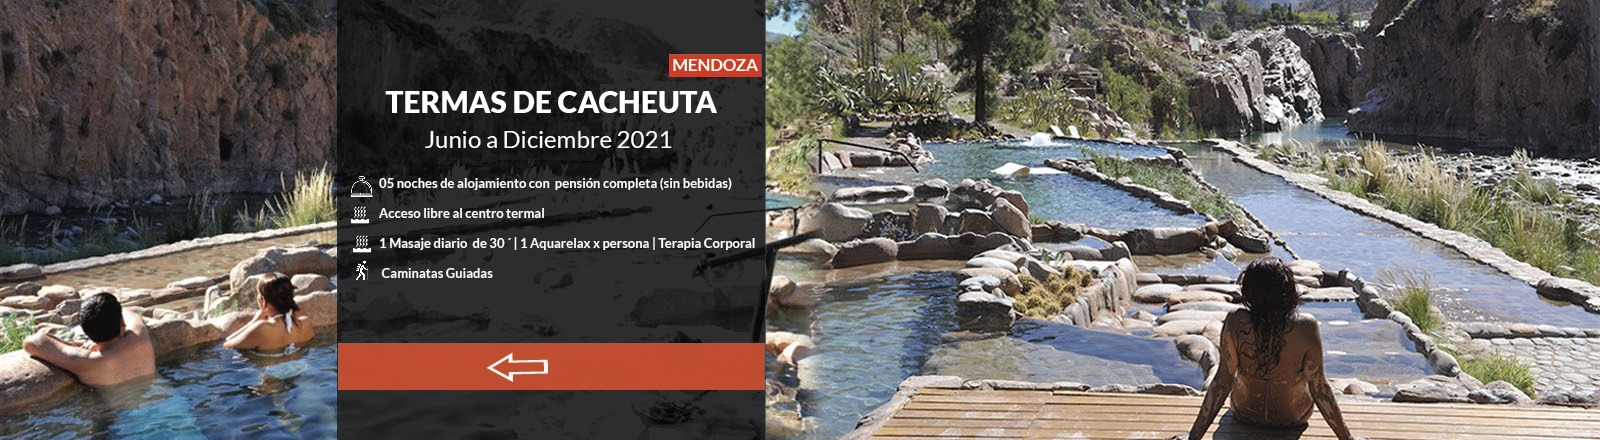 Cacheuta